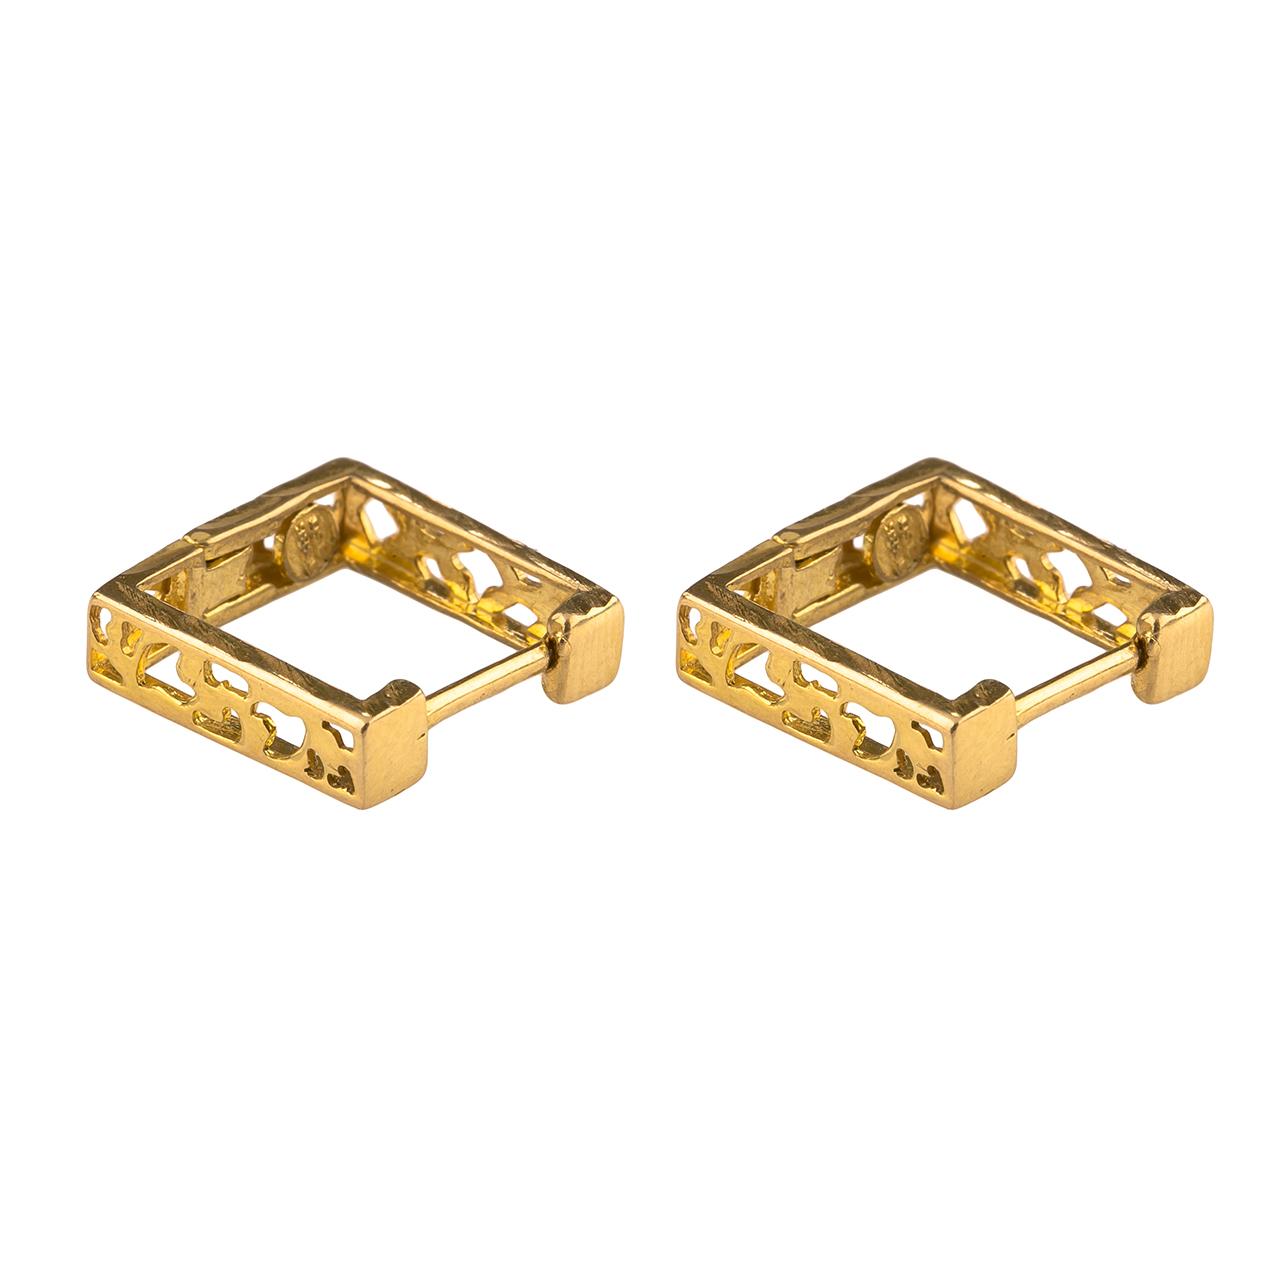 قیمت گوشواره طلا 18عیار گالری طلاچی مدل مربع1